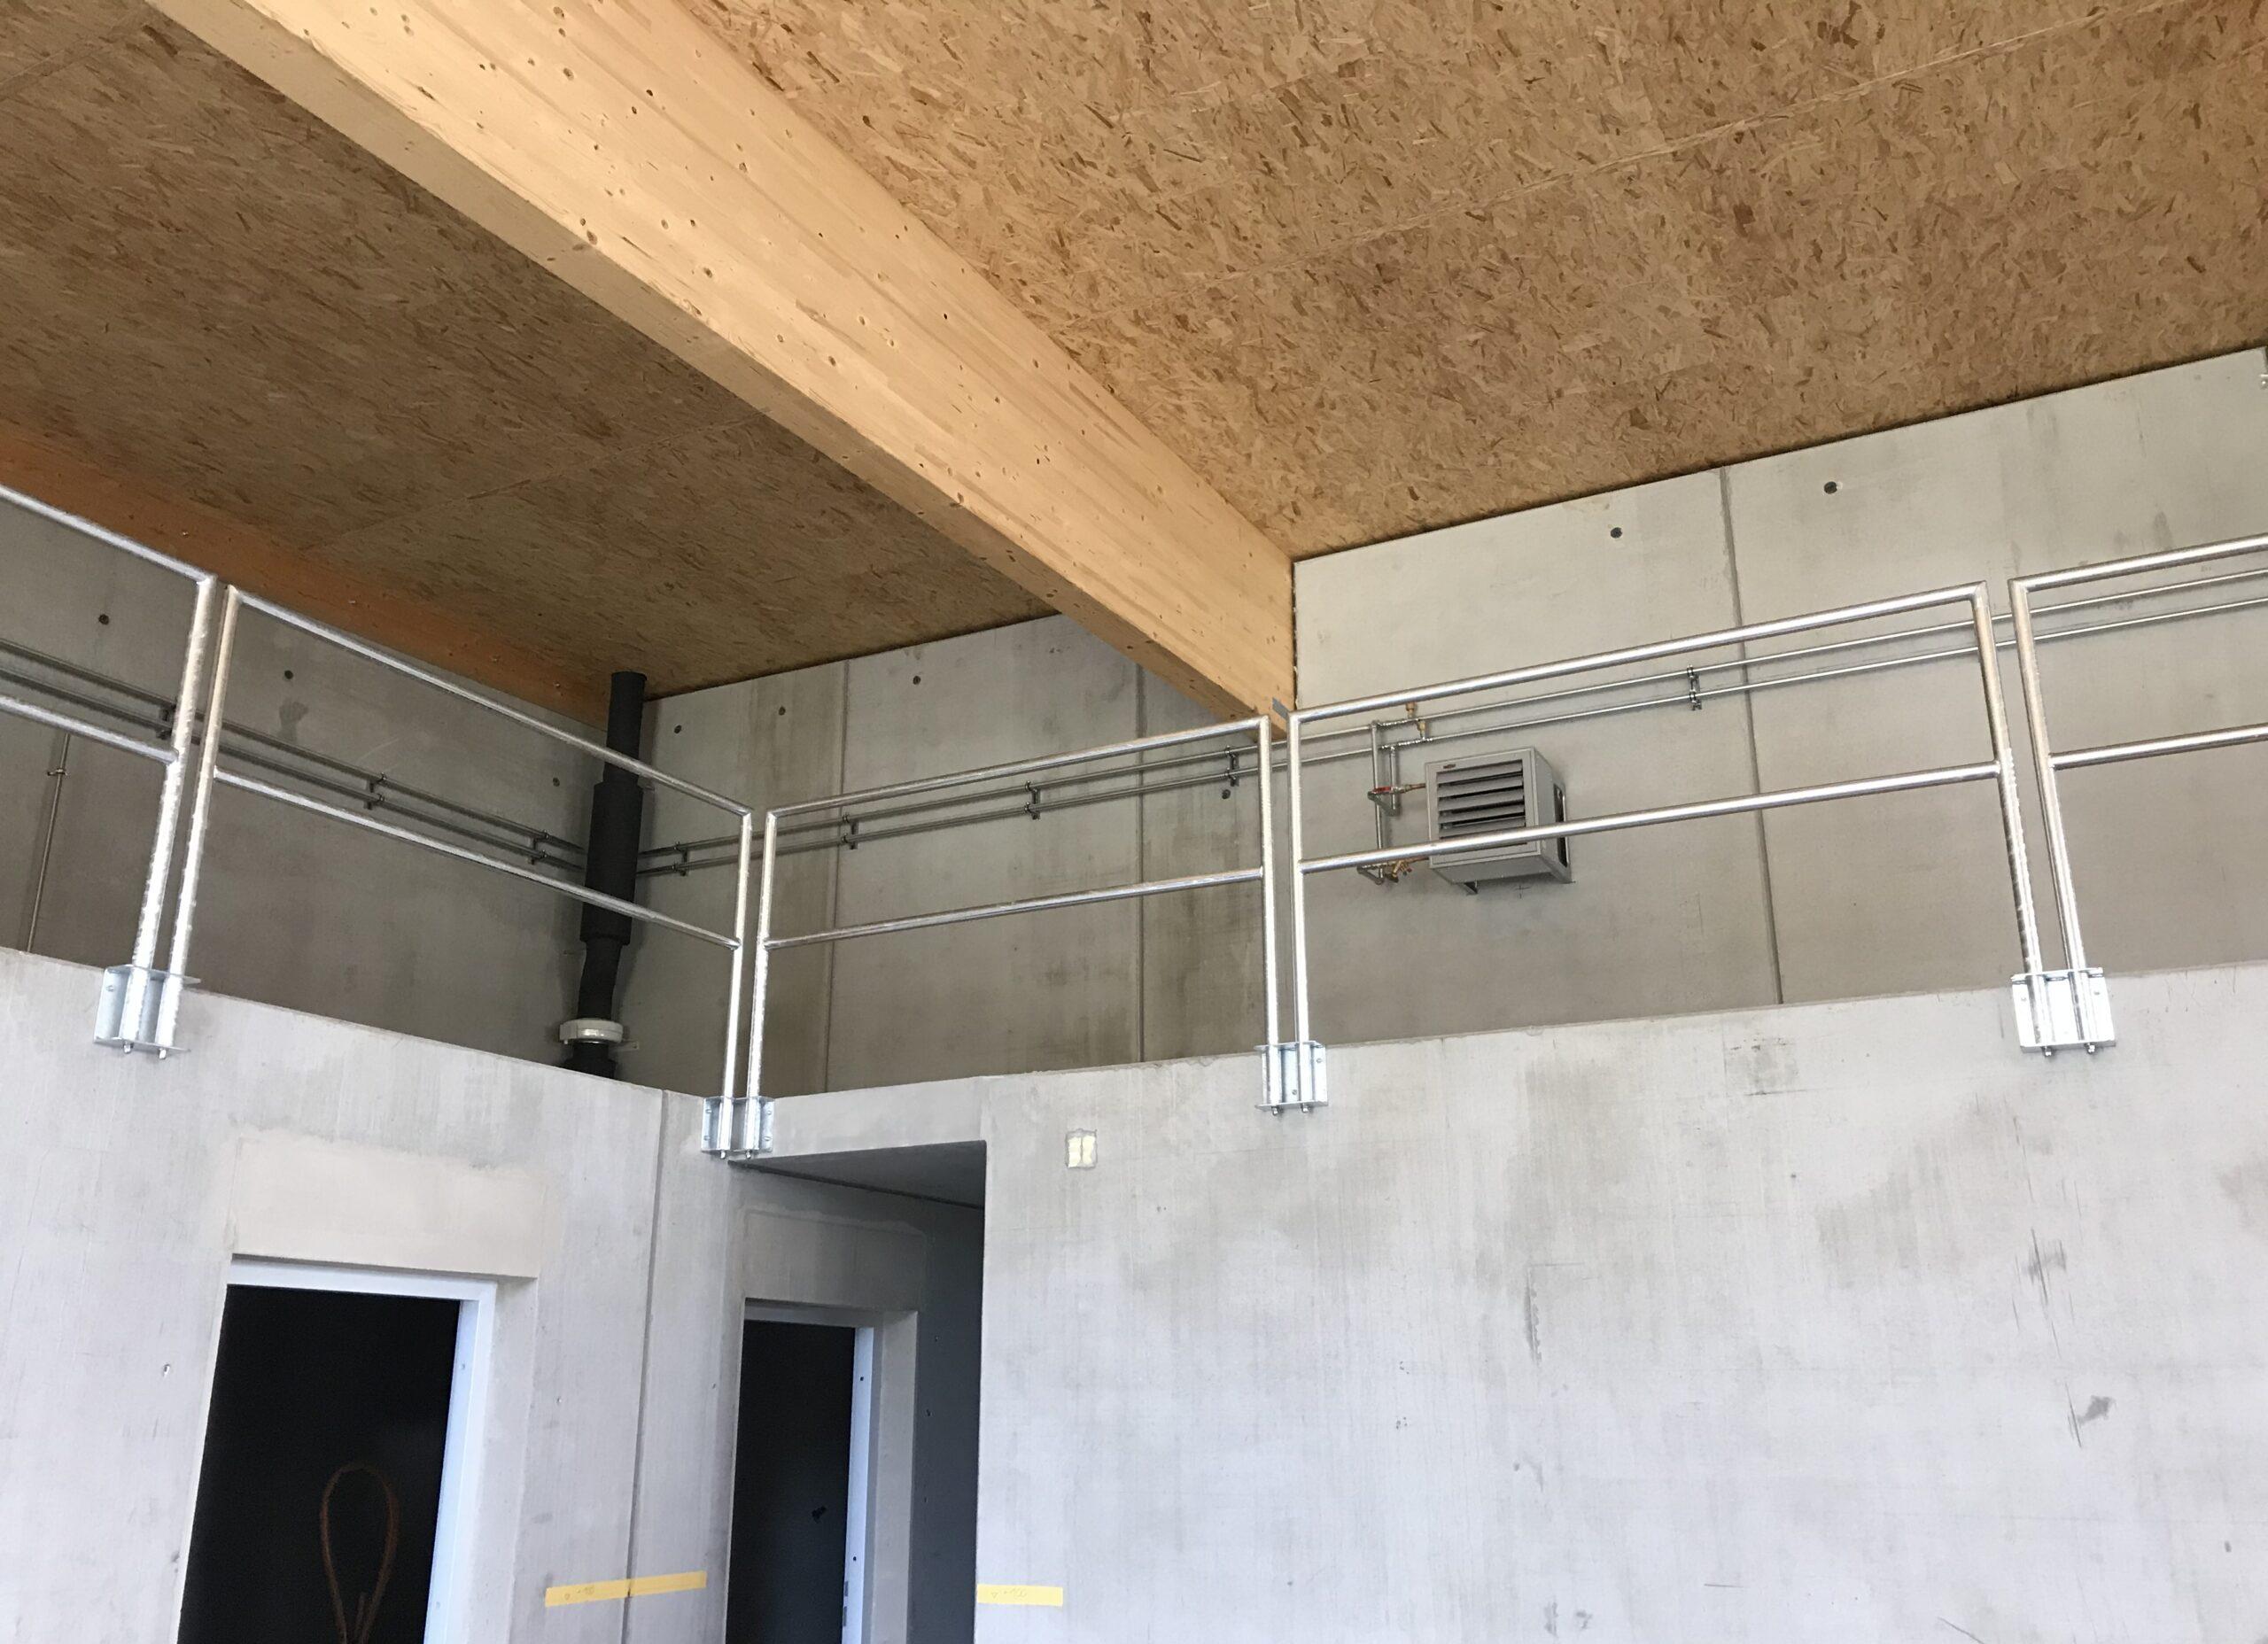 Schlosserei Strodl wegnehmbares Geländer aus Stahl